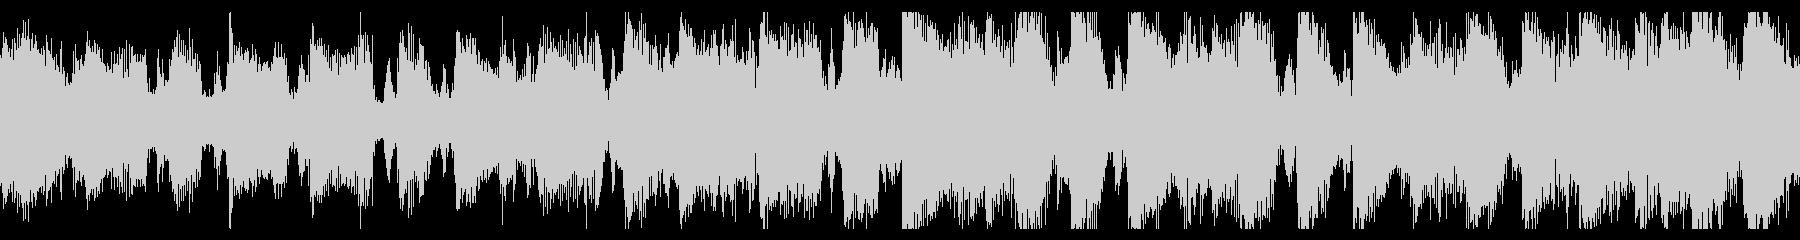 パワフルなエレクトロポップの未再生の波形